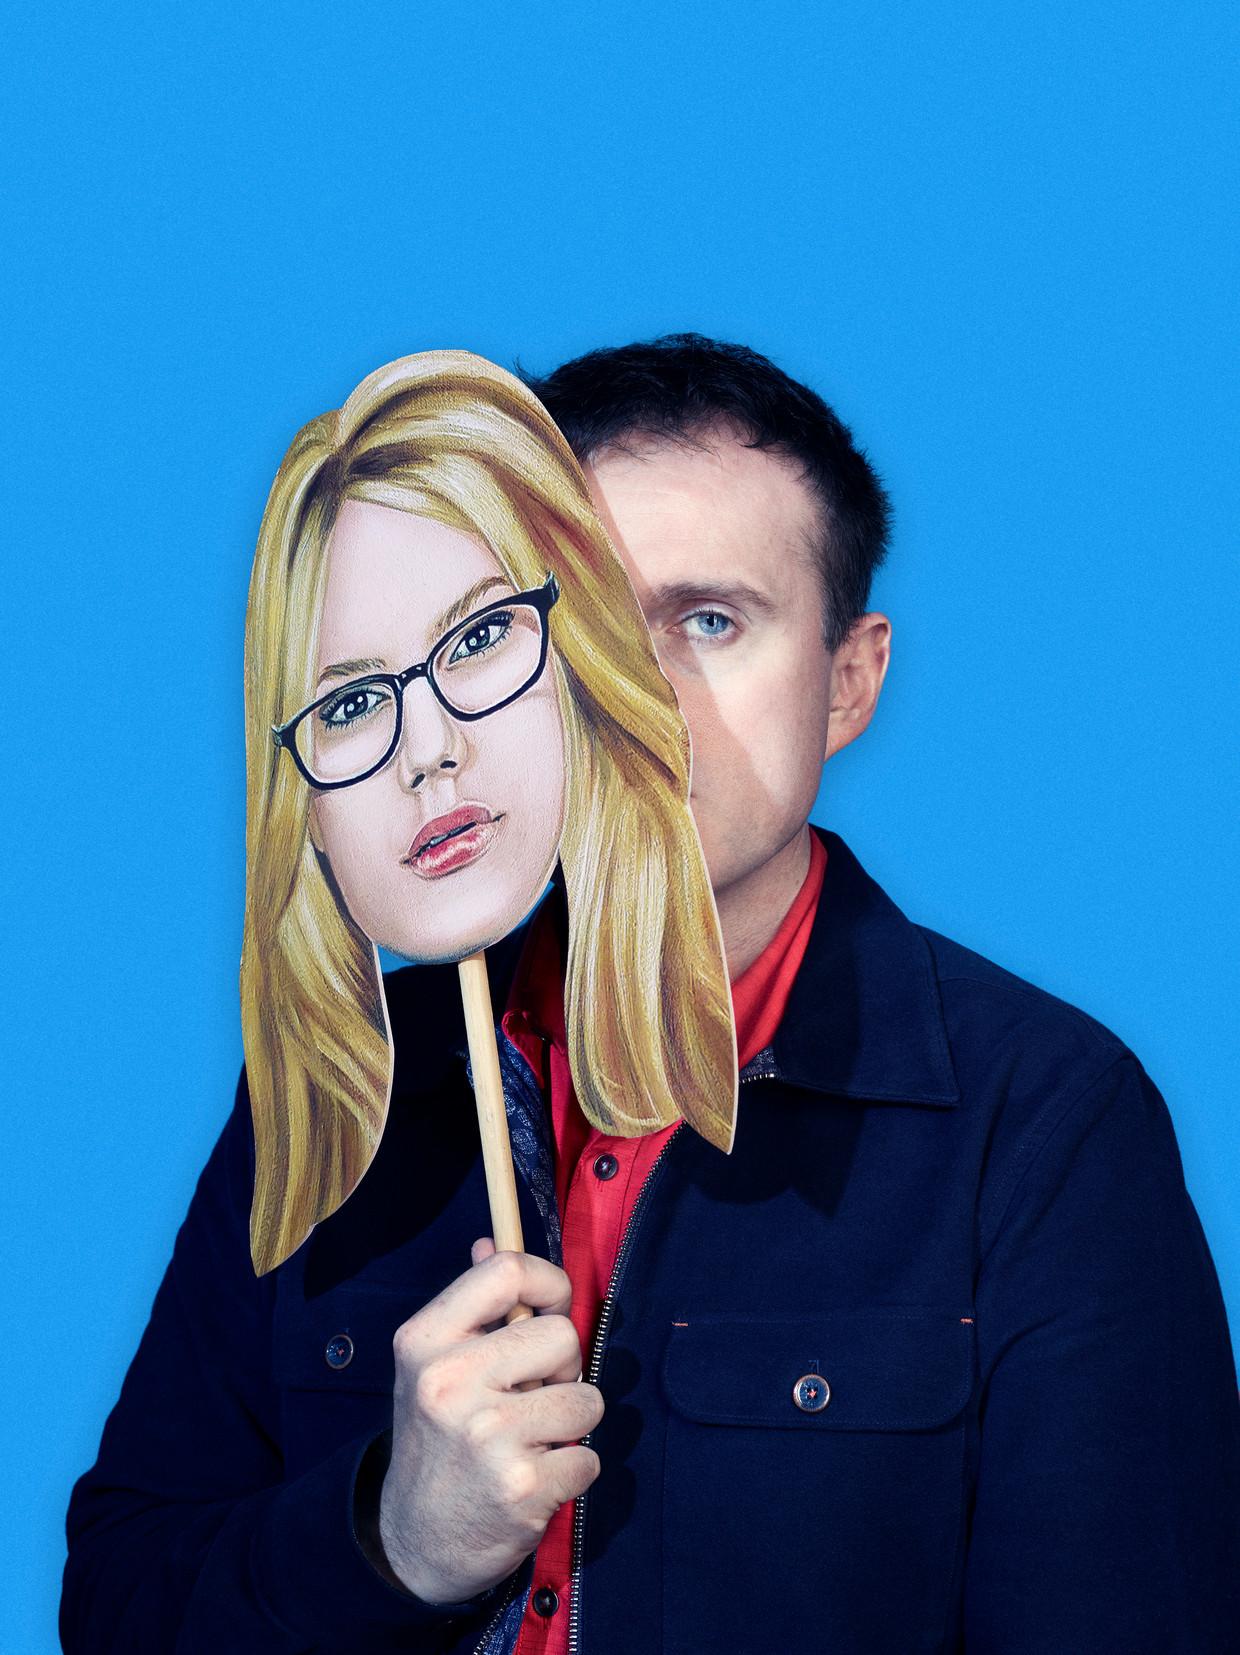 Comedian Andrew Doyle als zijn typetje Titania McGrath. Foto: Andrew Doyle Naamsvermelding verplicht. Beeld Andy Lo Pò